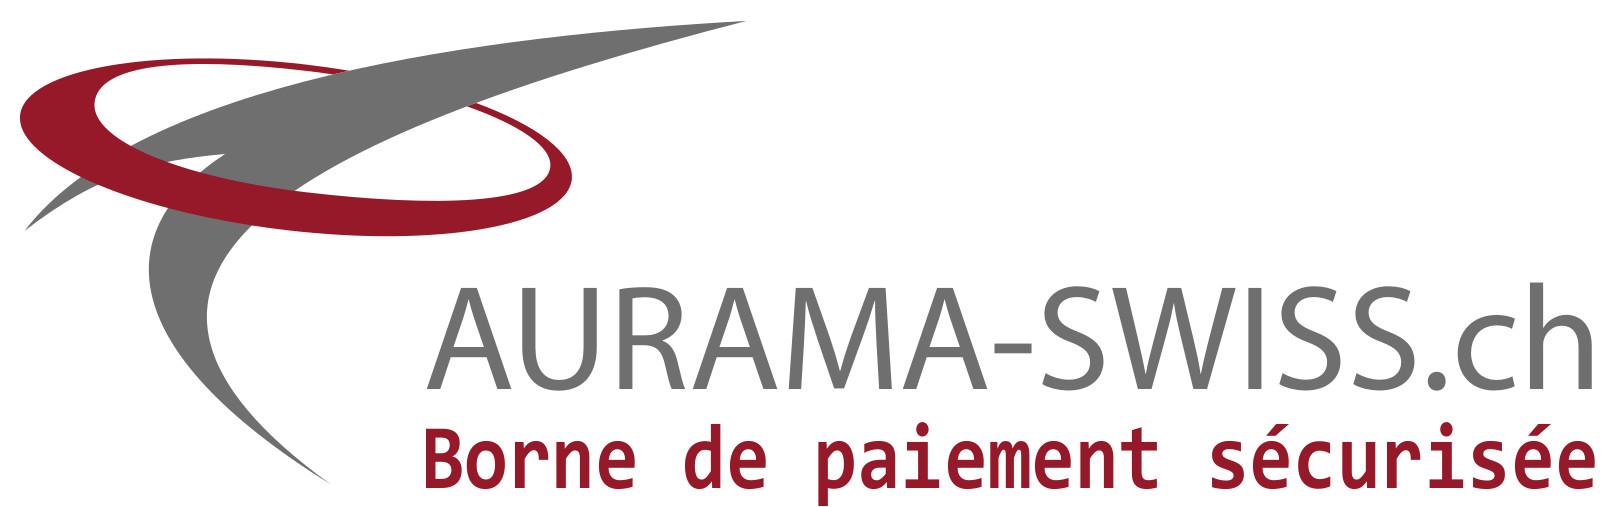 Bornes de paiement sécurisées – Aurama-Swiss SA